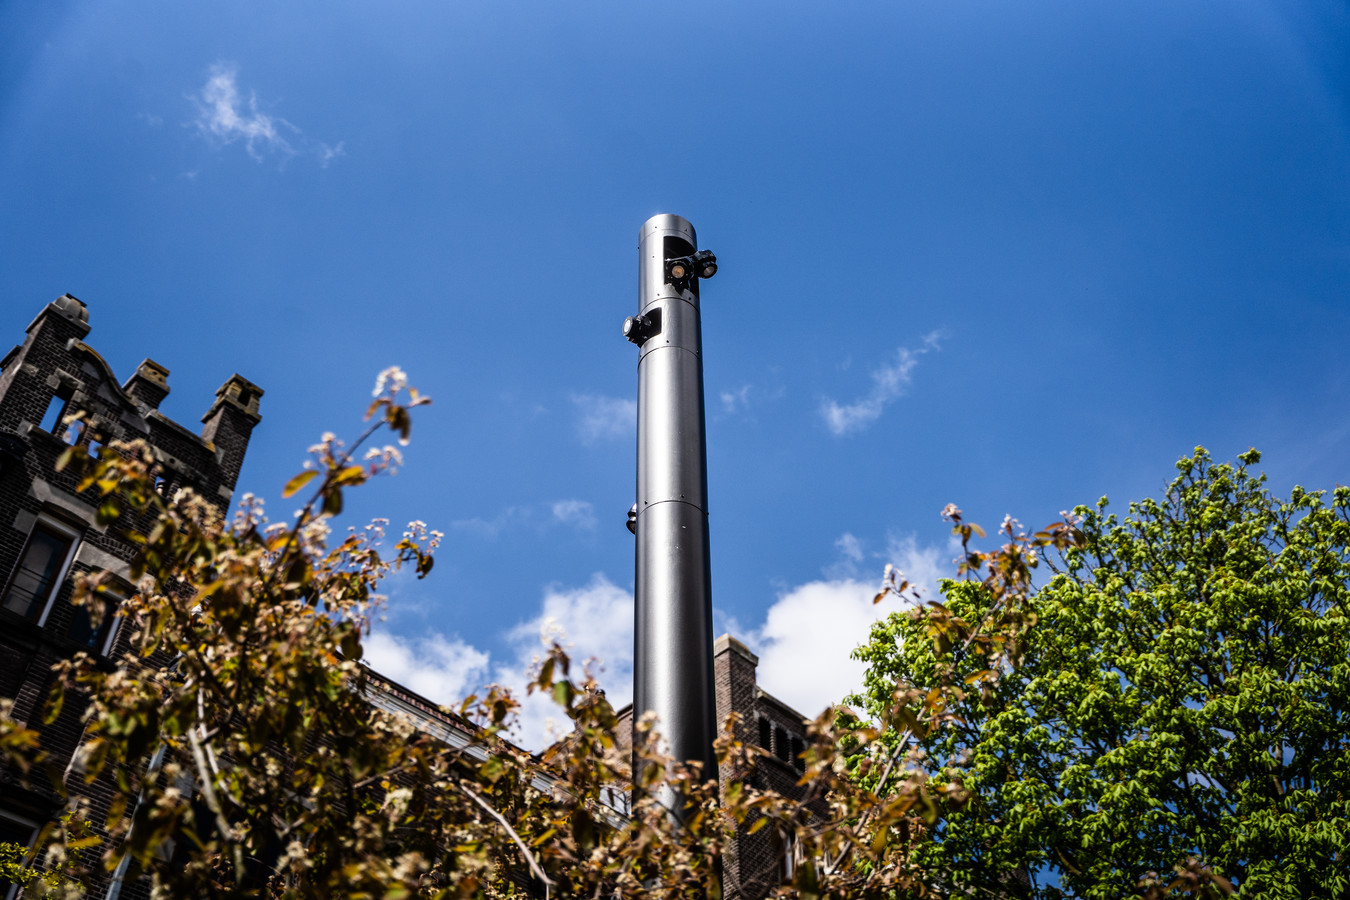 Het nieuwe modulaire systeem dat de binnenstad van Arnhem moet gaan verlichten. Aan de mast kunnen lampen worden bevestigd, maar ook camera's en sensoren.